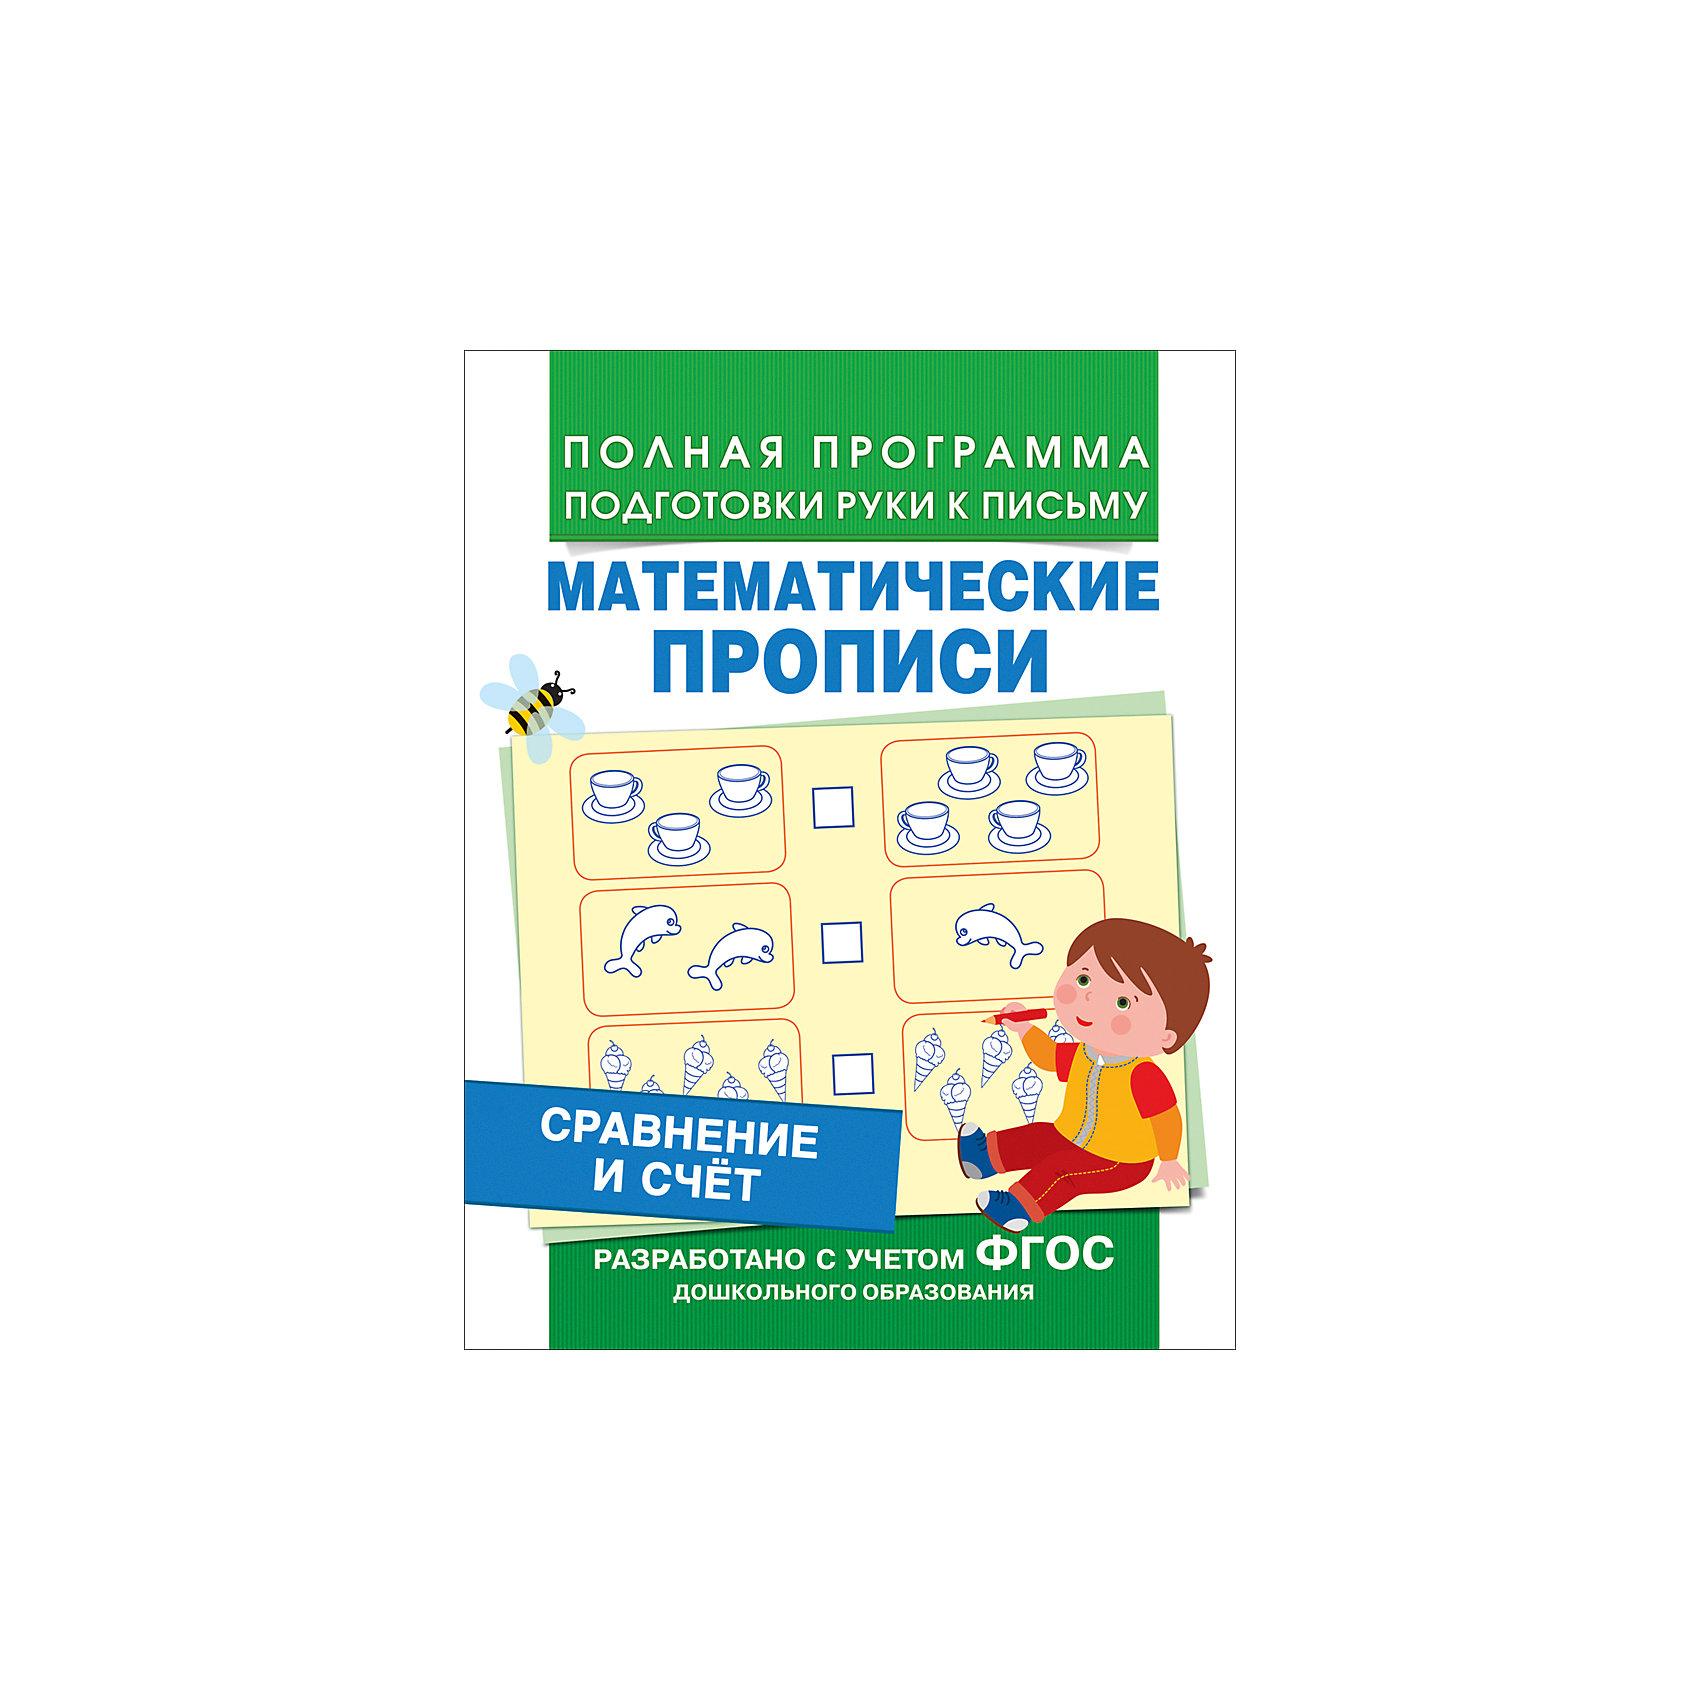 Математические прописи Сравнение и счетХарактеристики товара:<br><br>- цвет: разноцветный;<br>- материал: бумага;<br>- страниц: 16;<br>- формат: 16 х 20 см;<br>- обложка: мягкая;<br>- развивающее издание.<br><br>Это проработанное развивающее издание станет отличным подарком для родителей и ребенка. Оно содержит в себе задания и упражнения, которые помогут ребенку подготовиться к школе. Простые интересные задания помогут привить любовь к учебе!<br>Выполнение таких заданий помогает ребенку развивать мелкую моторику, зрительную память, концентрацию внимания и воображение. Издание произведено из качественных материалов, которые безопасны даже для самых маленьких.<br><br>Издание Математические прописи Сравнение и счет от компании Росмэн можно купить в нашем интернет-магазине.<br><br>Ширина мм: 205<br>Глубина мм: 160<br>Высота мм: 1<br>Вес г: 286<br>Возраст от месяцев: 60<br>Возраст до месяцев: 84<br>Пол: Унисекс<br>Возраст: Детский<br>SKU: 5110187